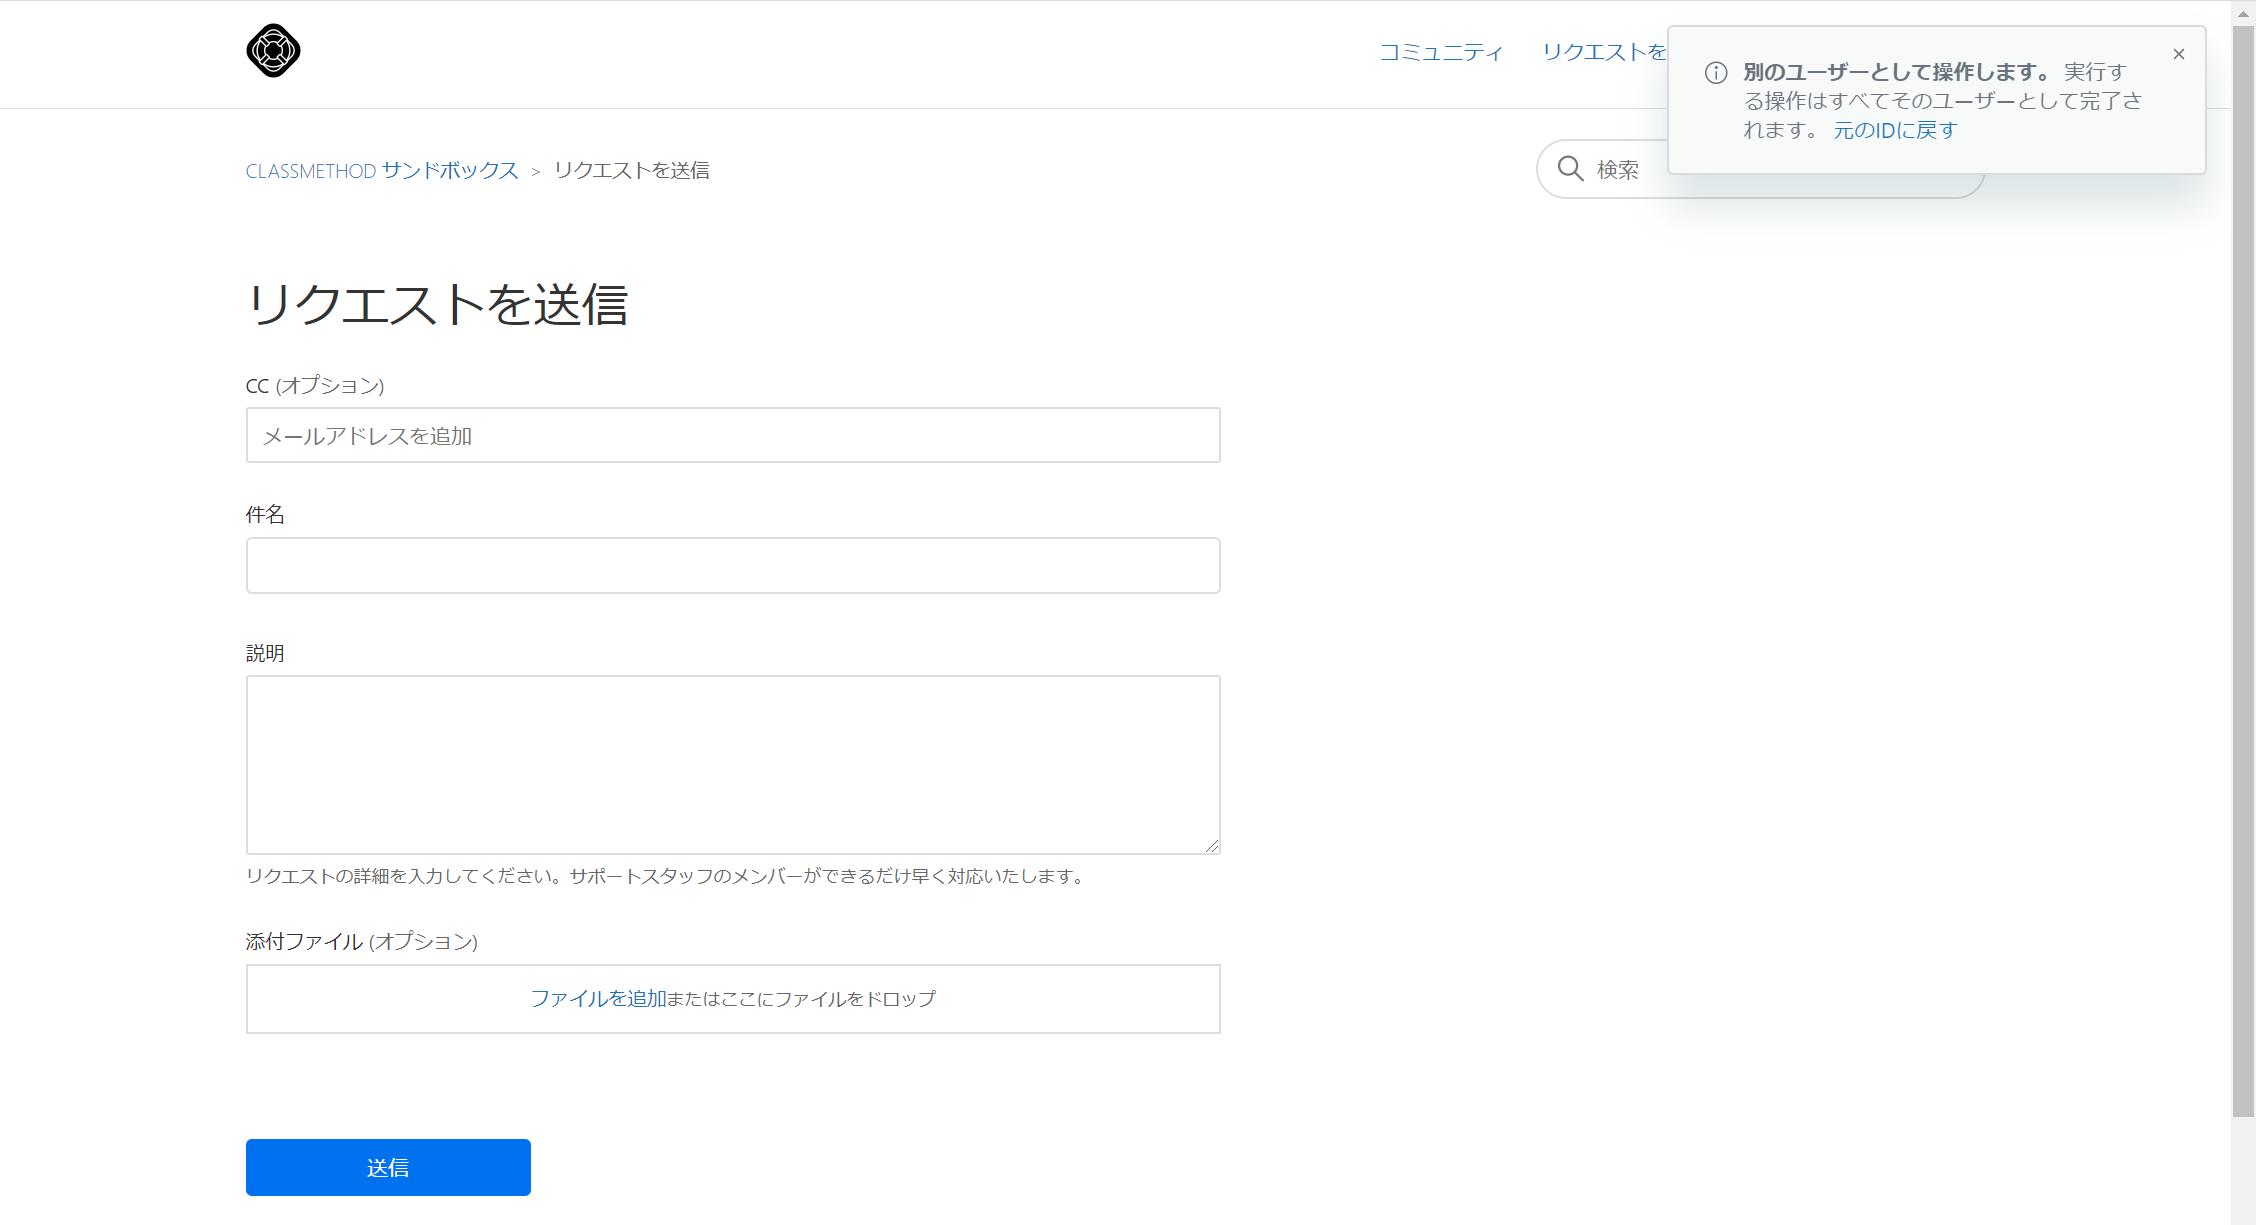 Web フォーム 対応 チケット